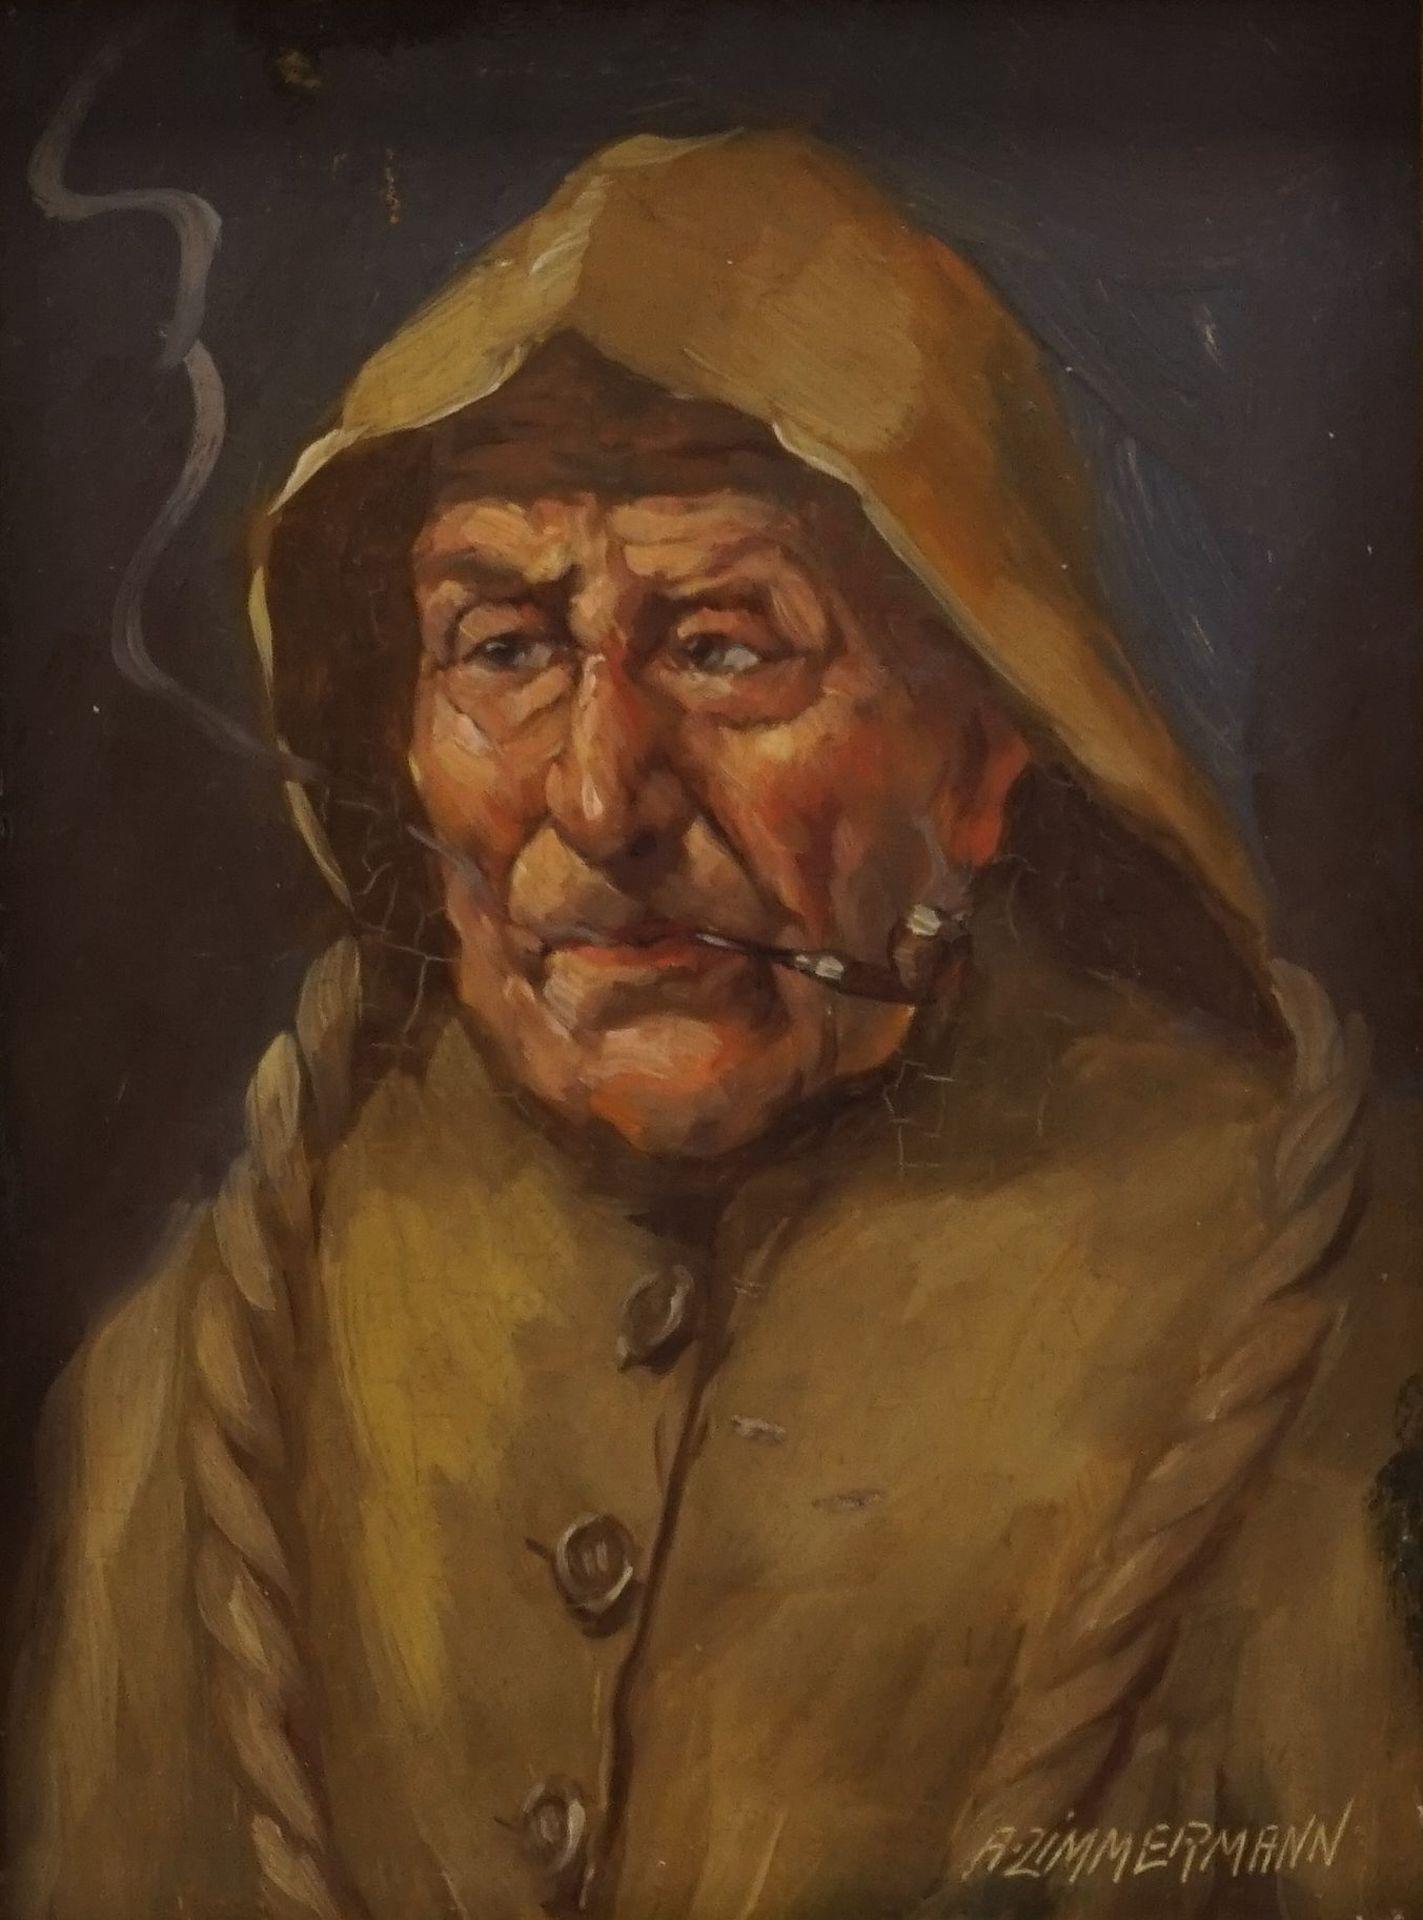 A. Zimmermann, Pfeife rauchender Fischer